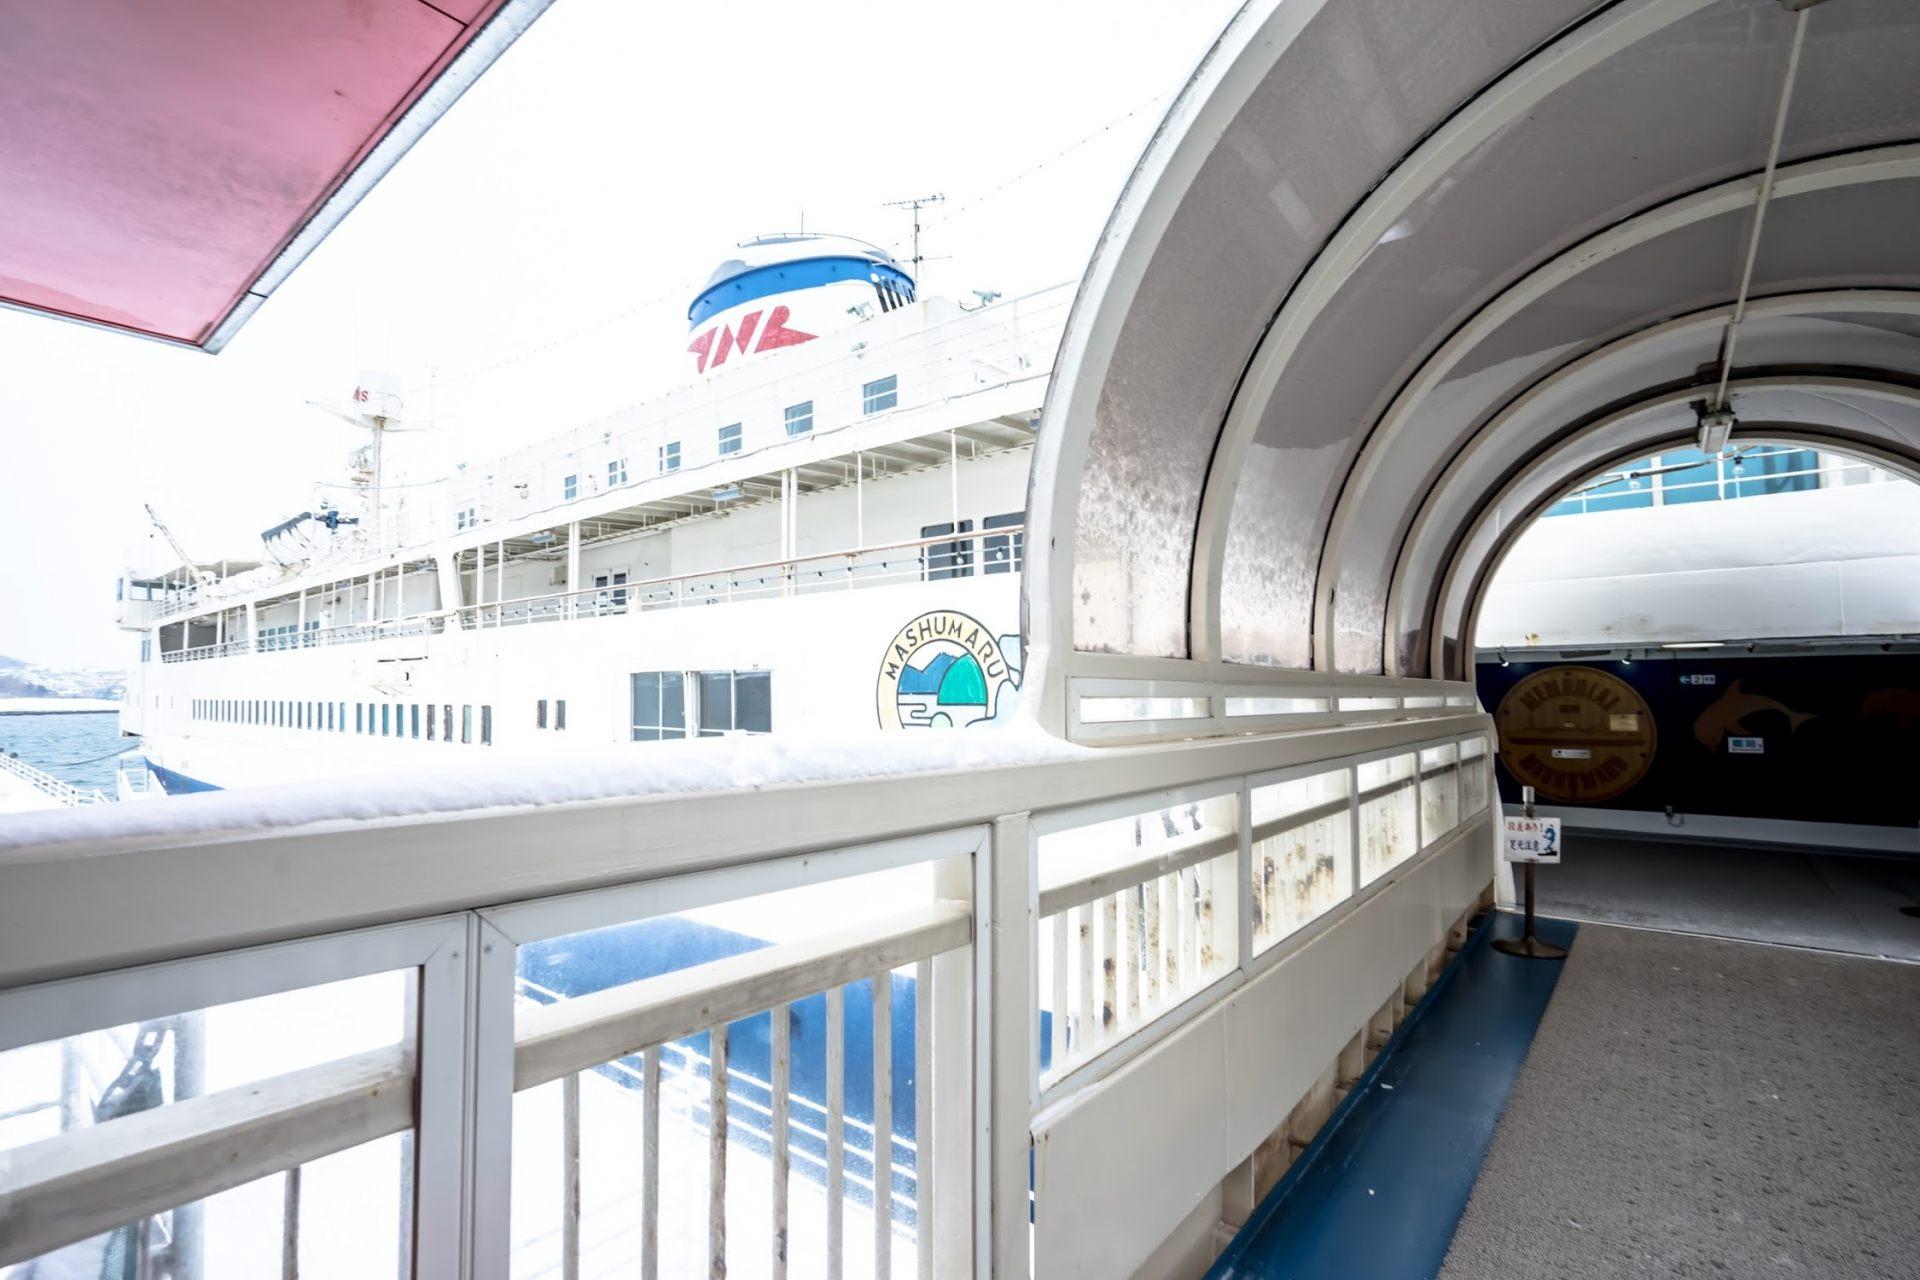 進入船內觀看